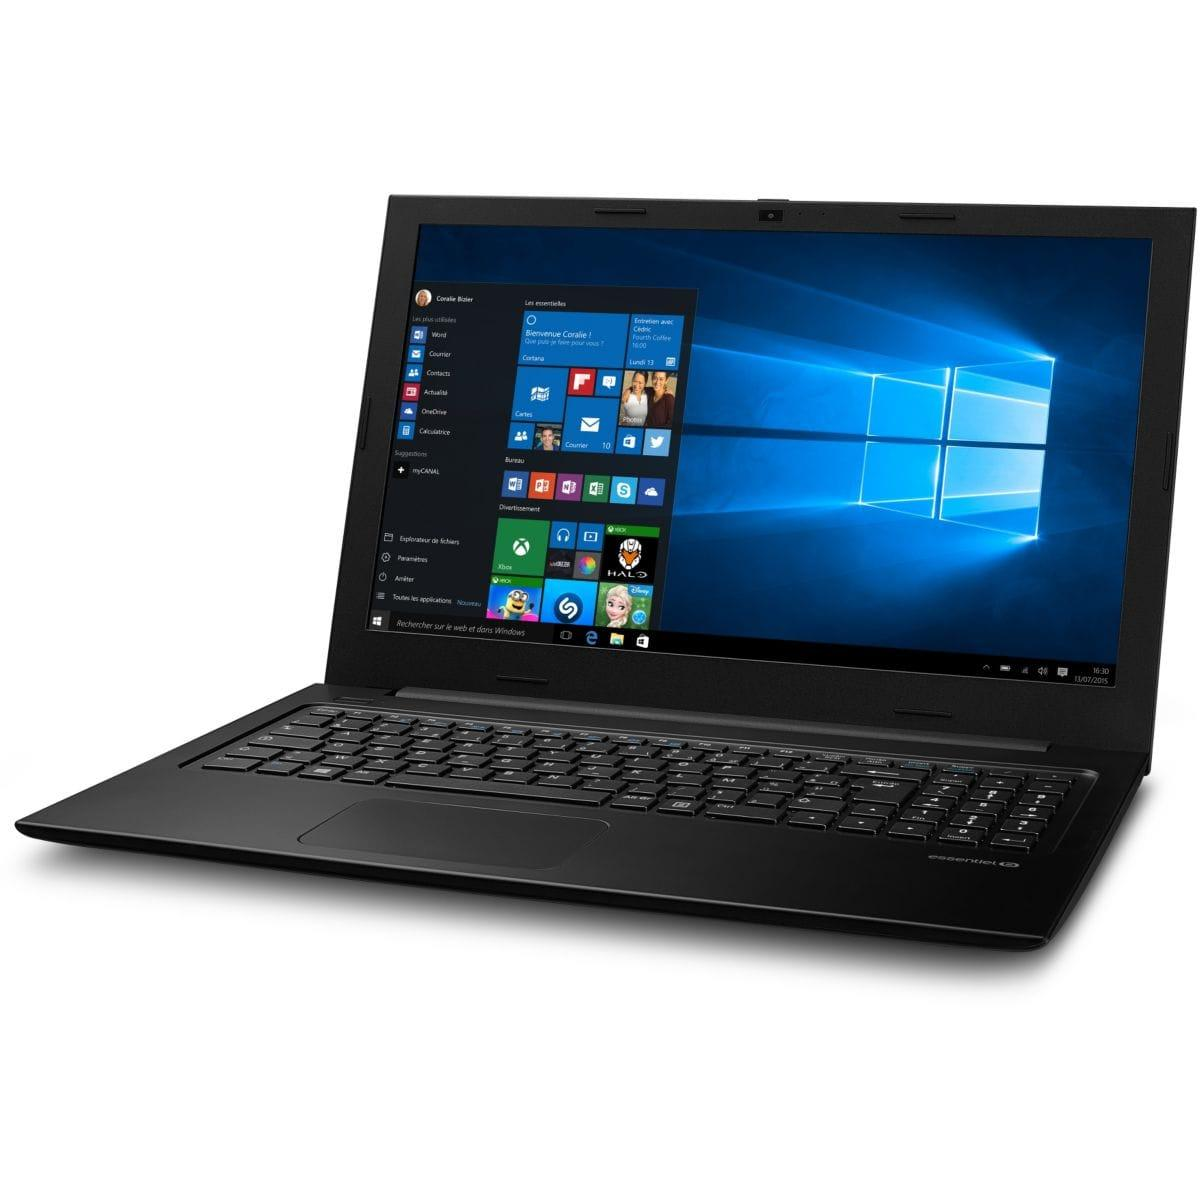 """Essentiel B Smart'Mouv 1513-1 15,6"""" Pentium N3710 1,6 GHz  - SSD 64 Go + HDD 512 Go - RAM 4 Go"""